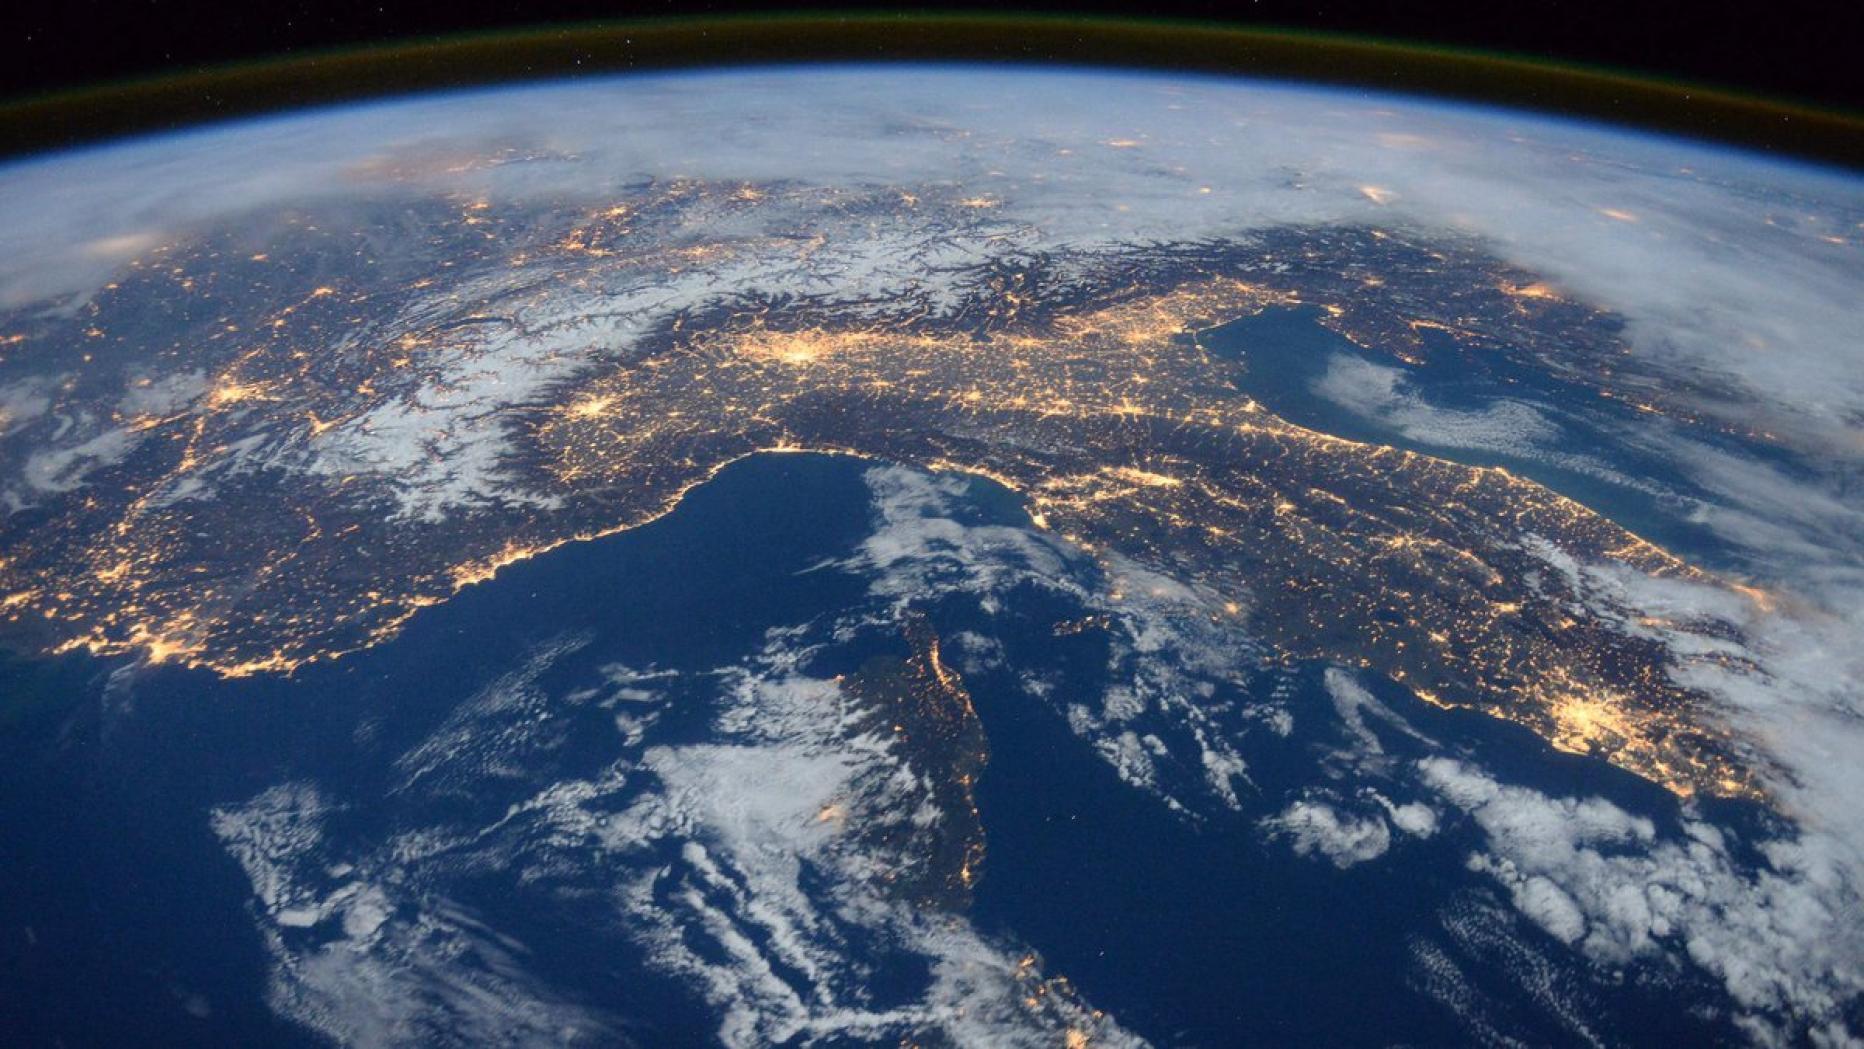 Lichtverschmutzung Karte Welt.Immer Weniger Menschen Sehen Den Sternenhimmel Kurier At